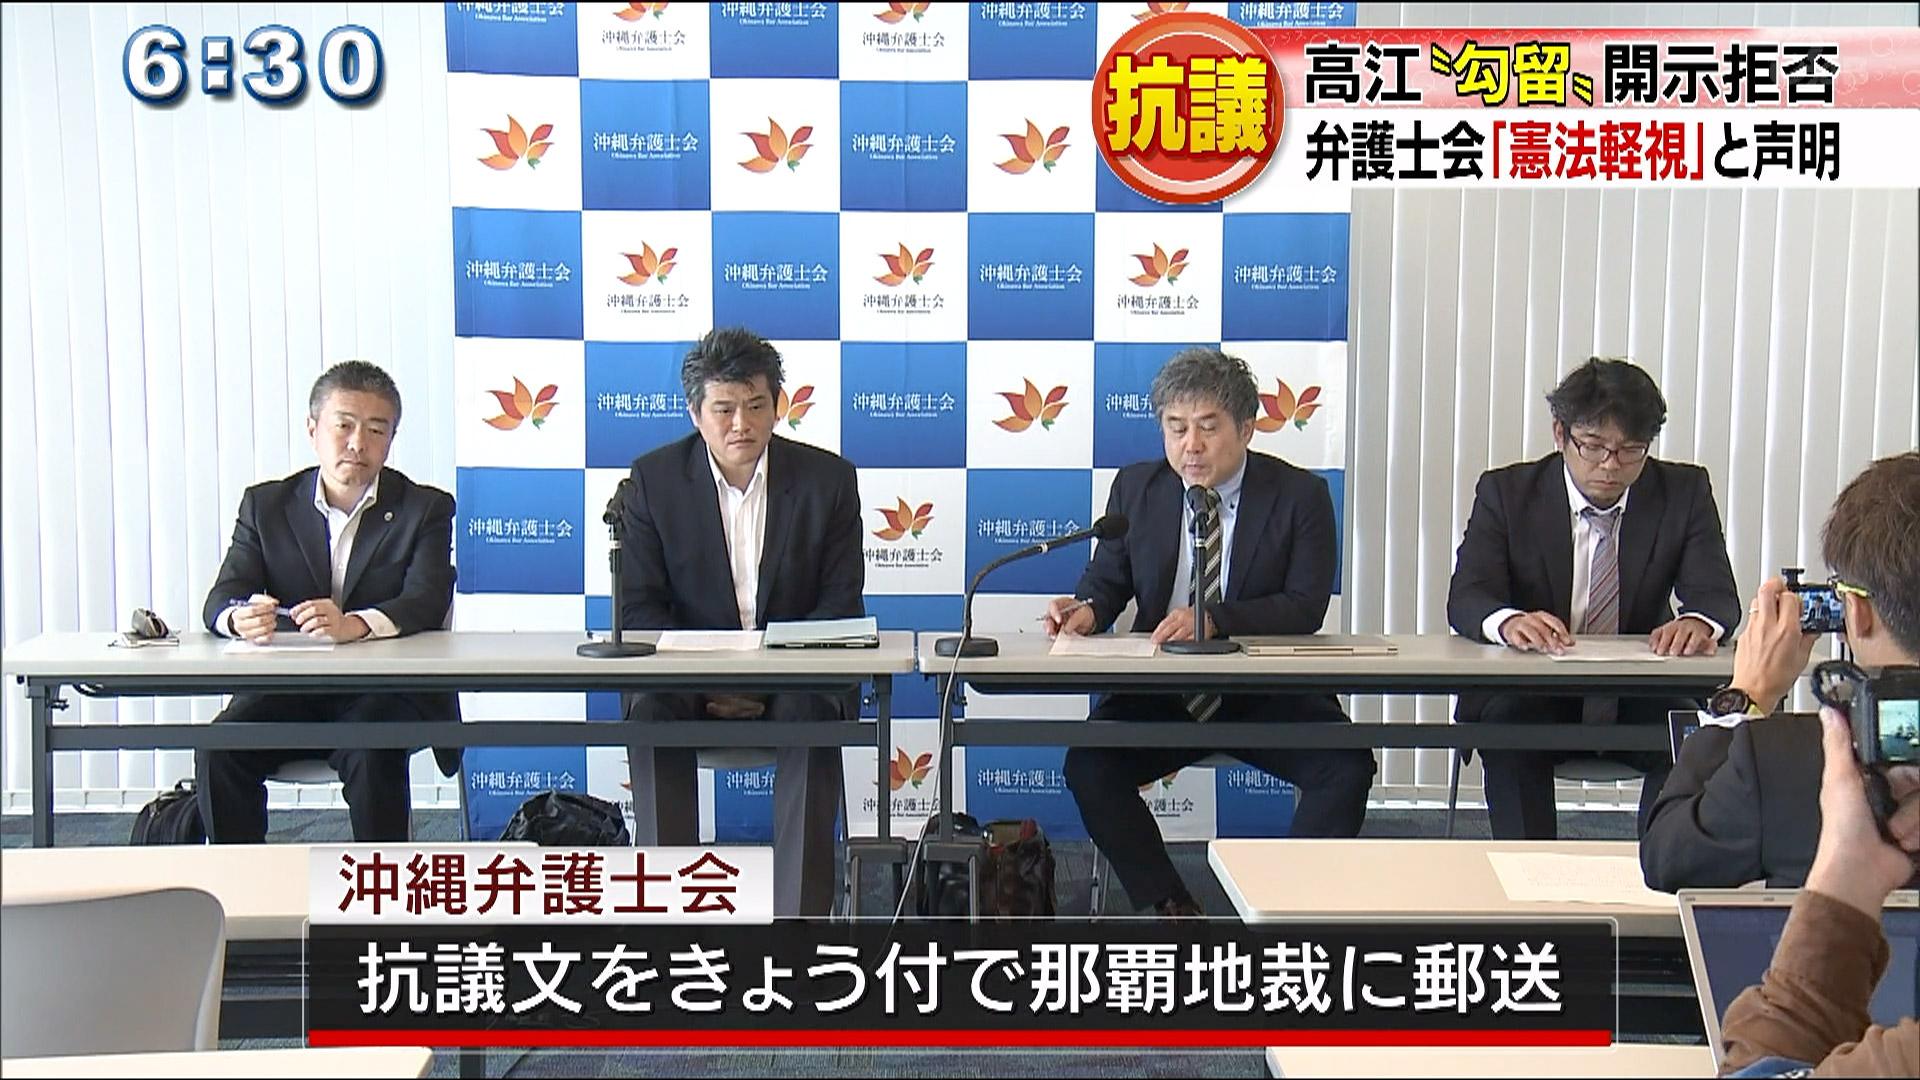 高江勾留で沖縄弁護士会が会長声明